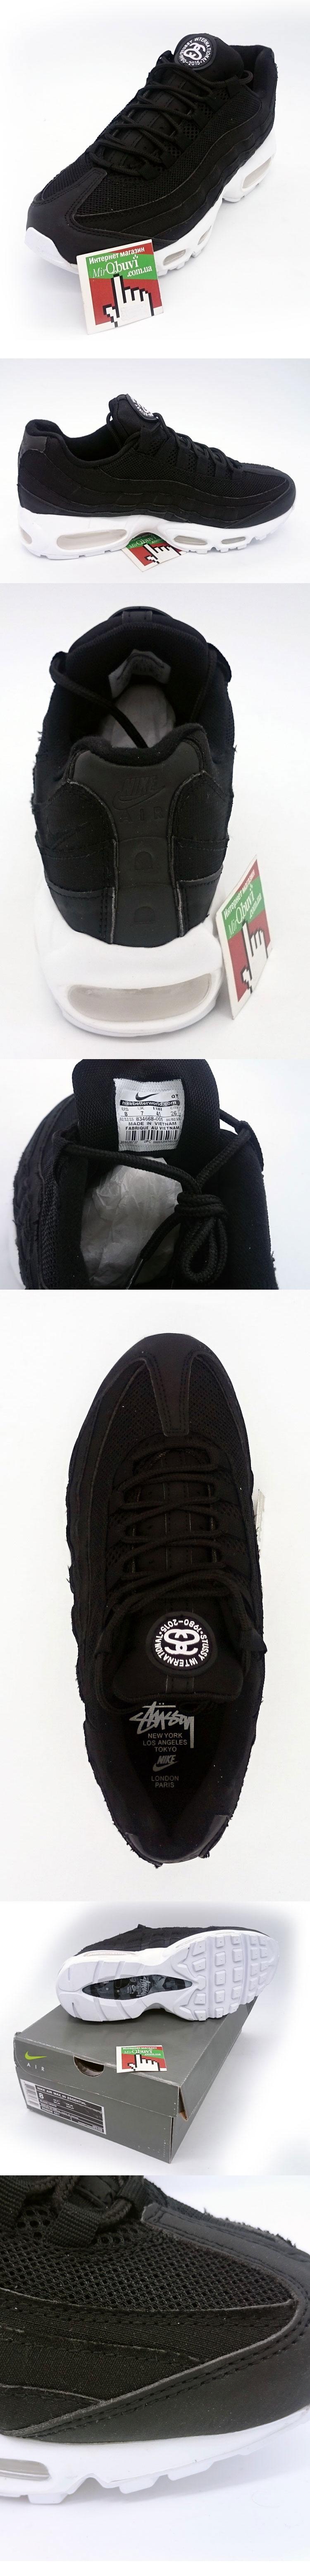 большое фото №5 Кроссовки Nike air max 95 черно белые. ТОП КАЧЕСТВО!!!